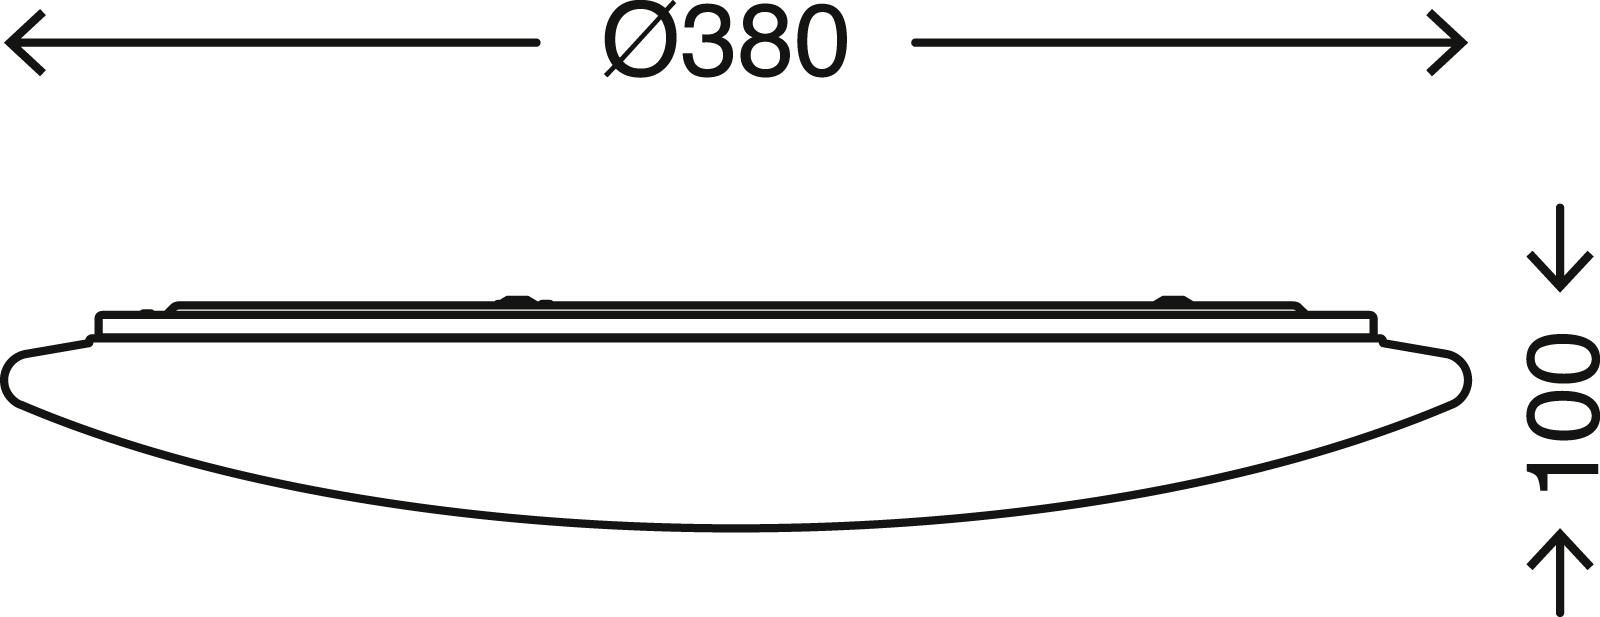 LED Deckenleuchte, Ø 38 cm, max. 40 W, Weiss